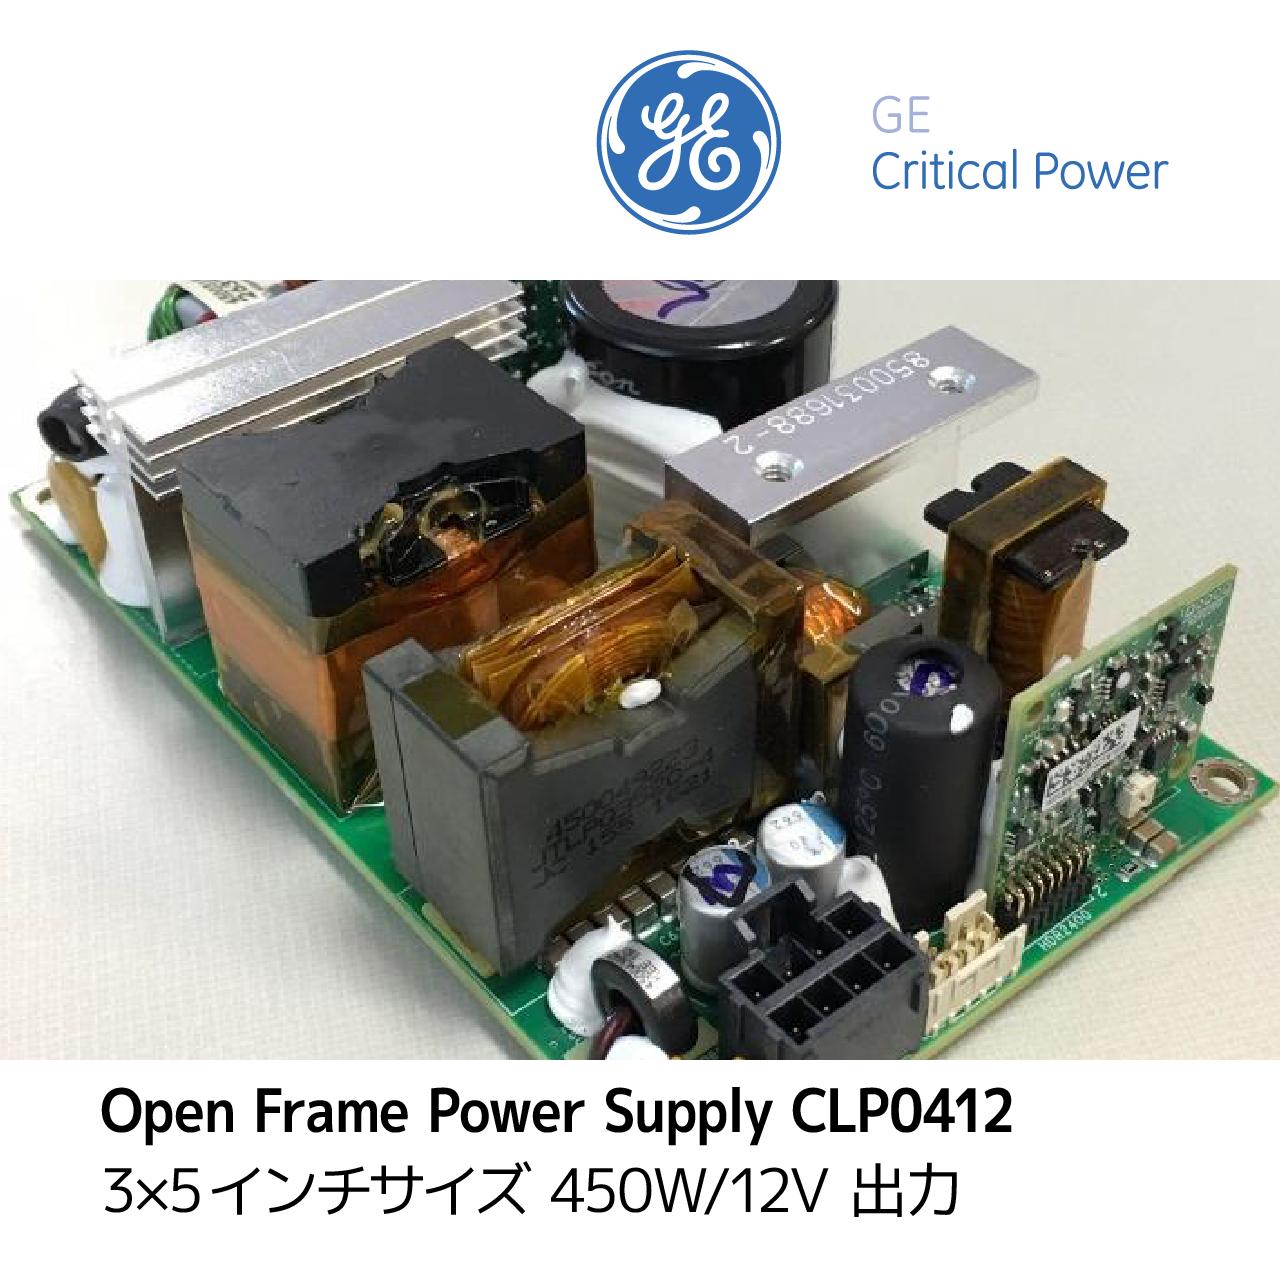 3×5 インチサイズ 450W/12V 出力 オープンフレーム AC-DC スイッチング電源 CLP0412